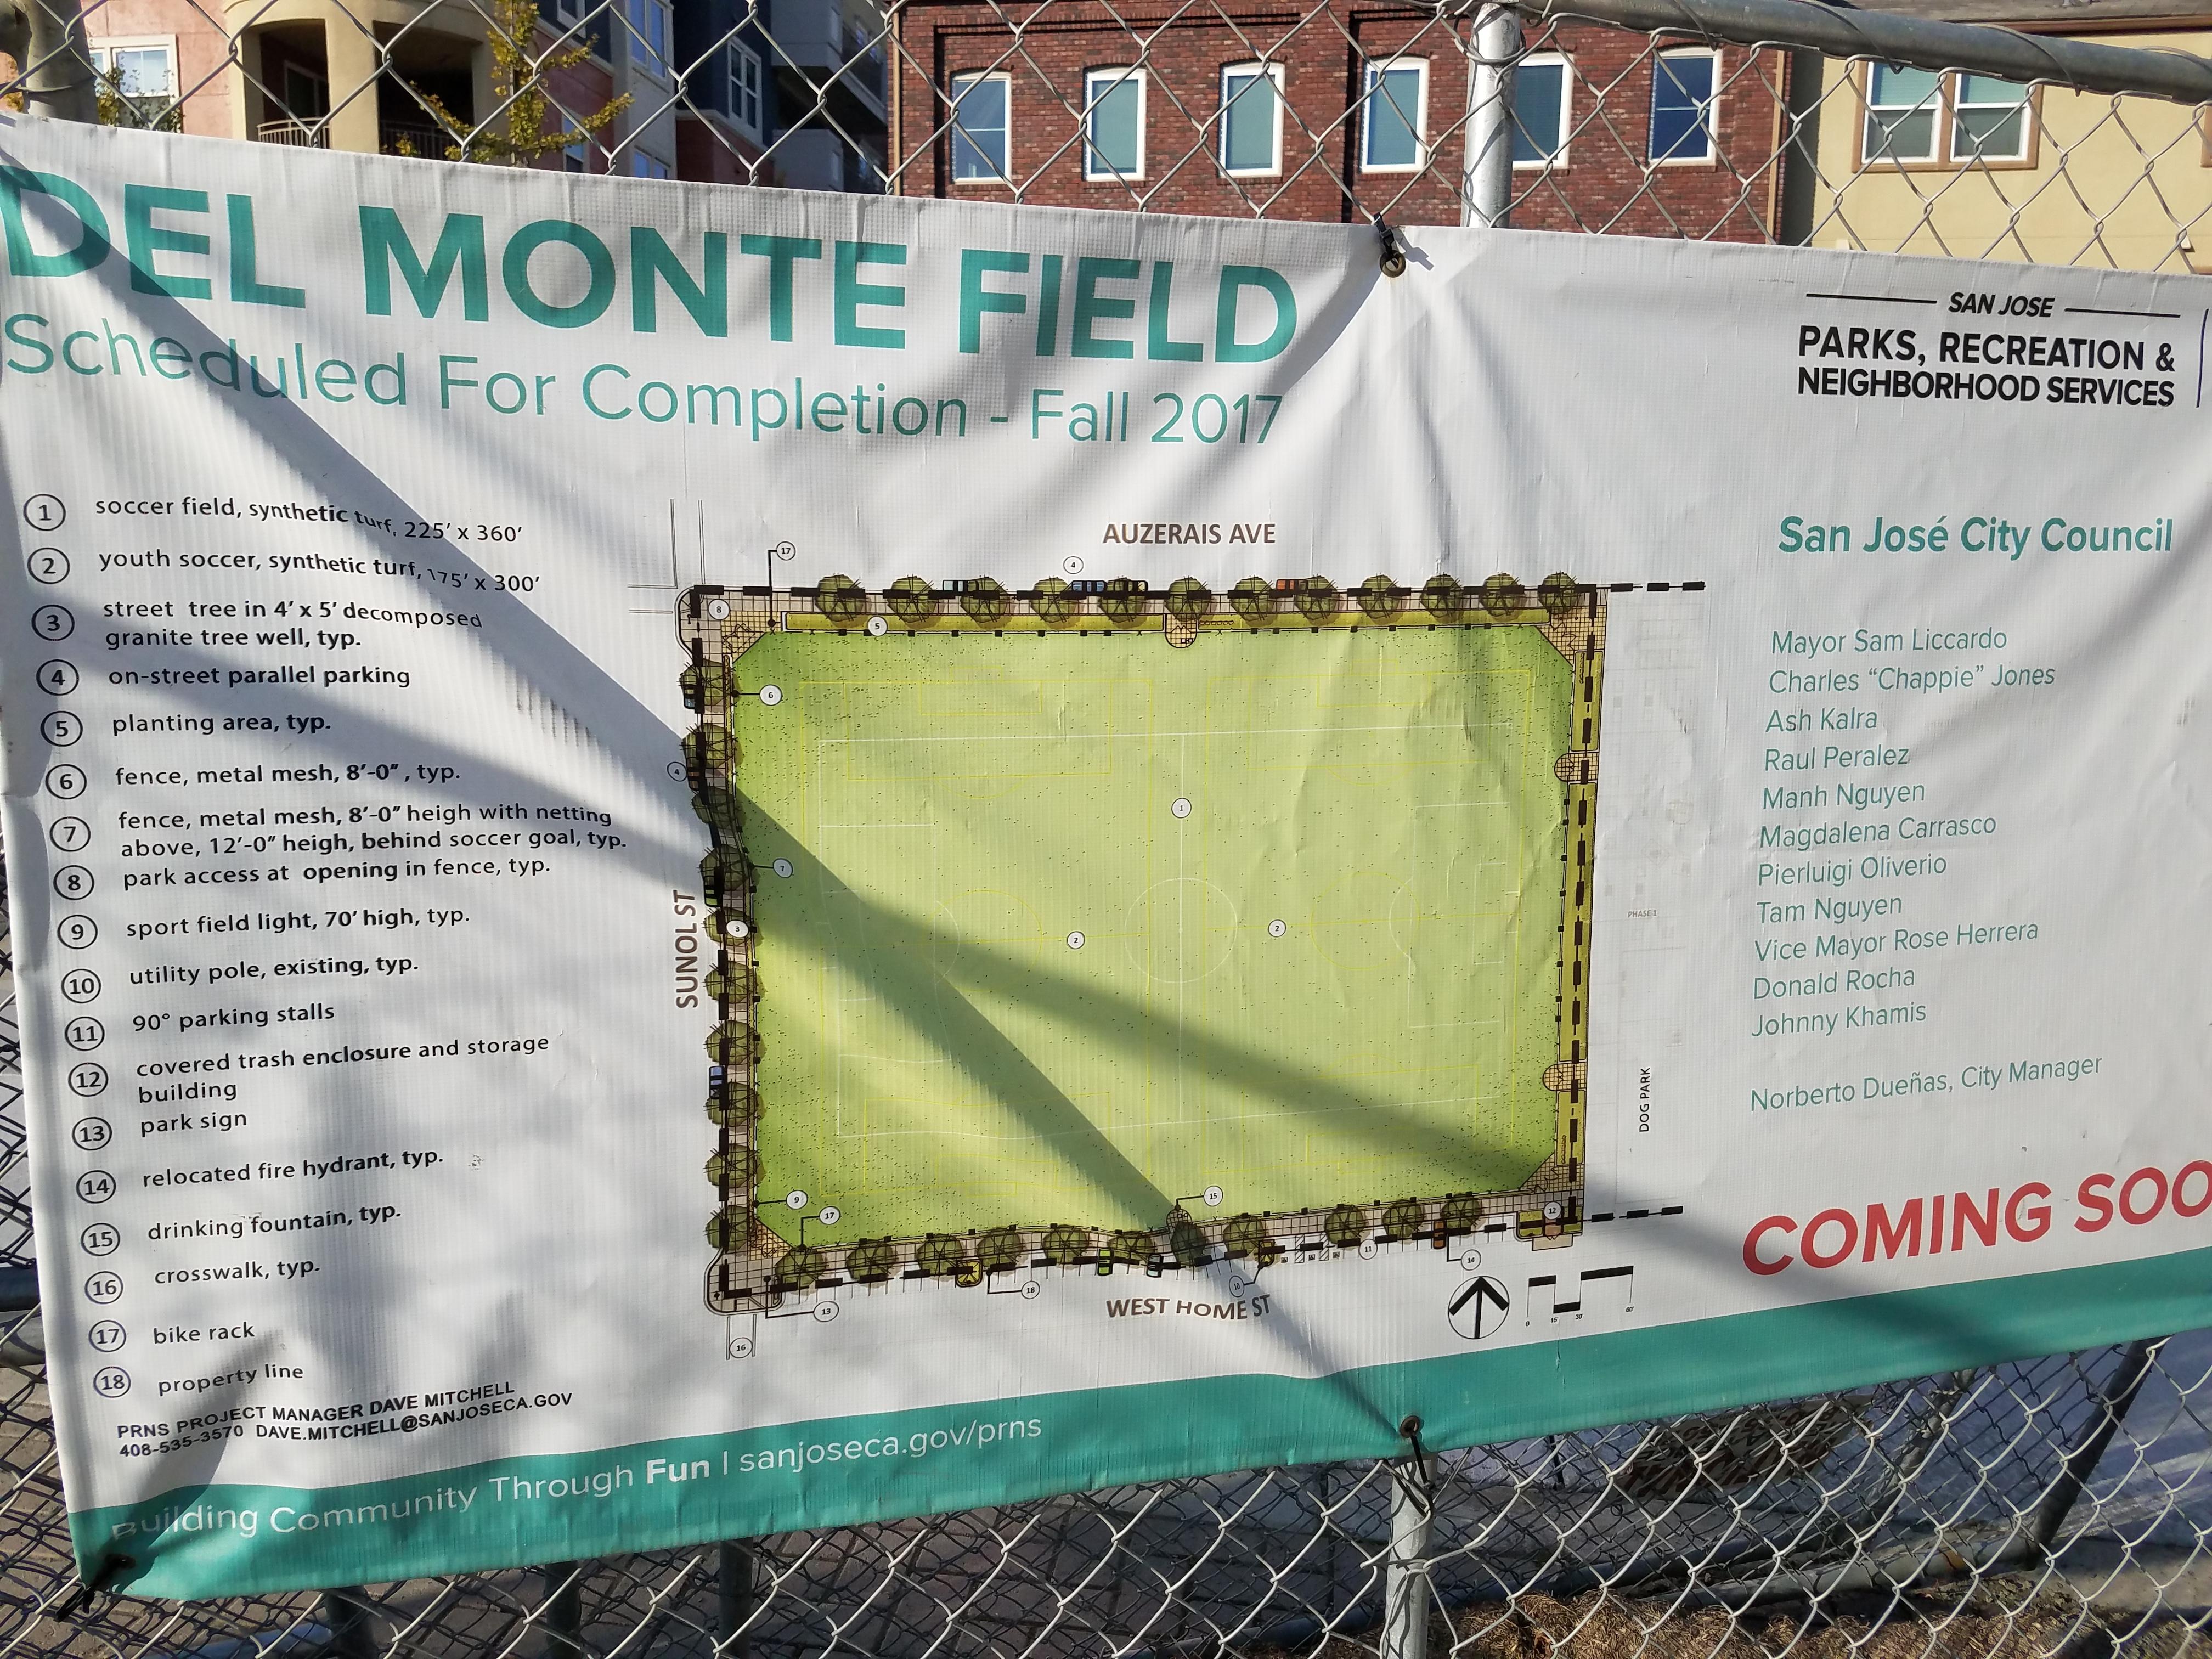 Del Monte Field, James Endo,Broker, 408-560-9021